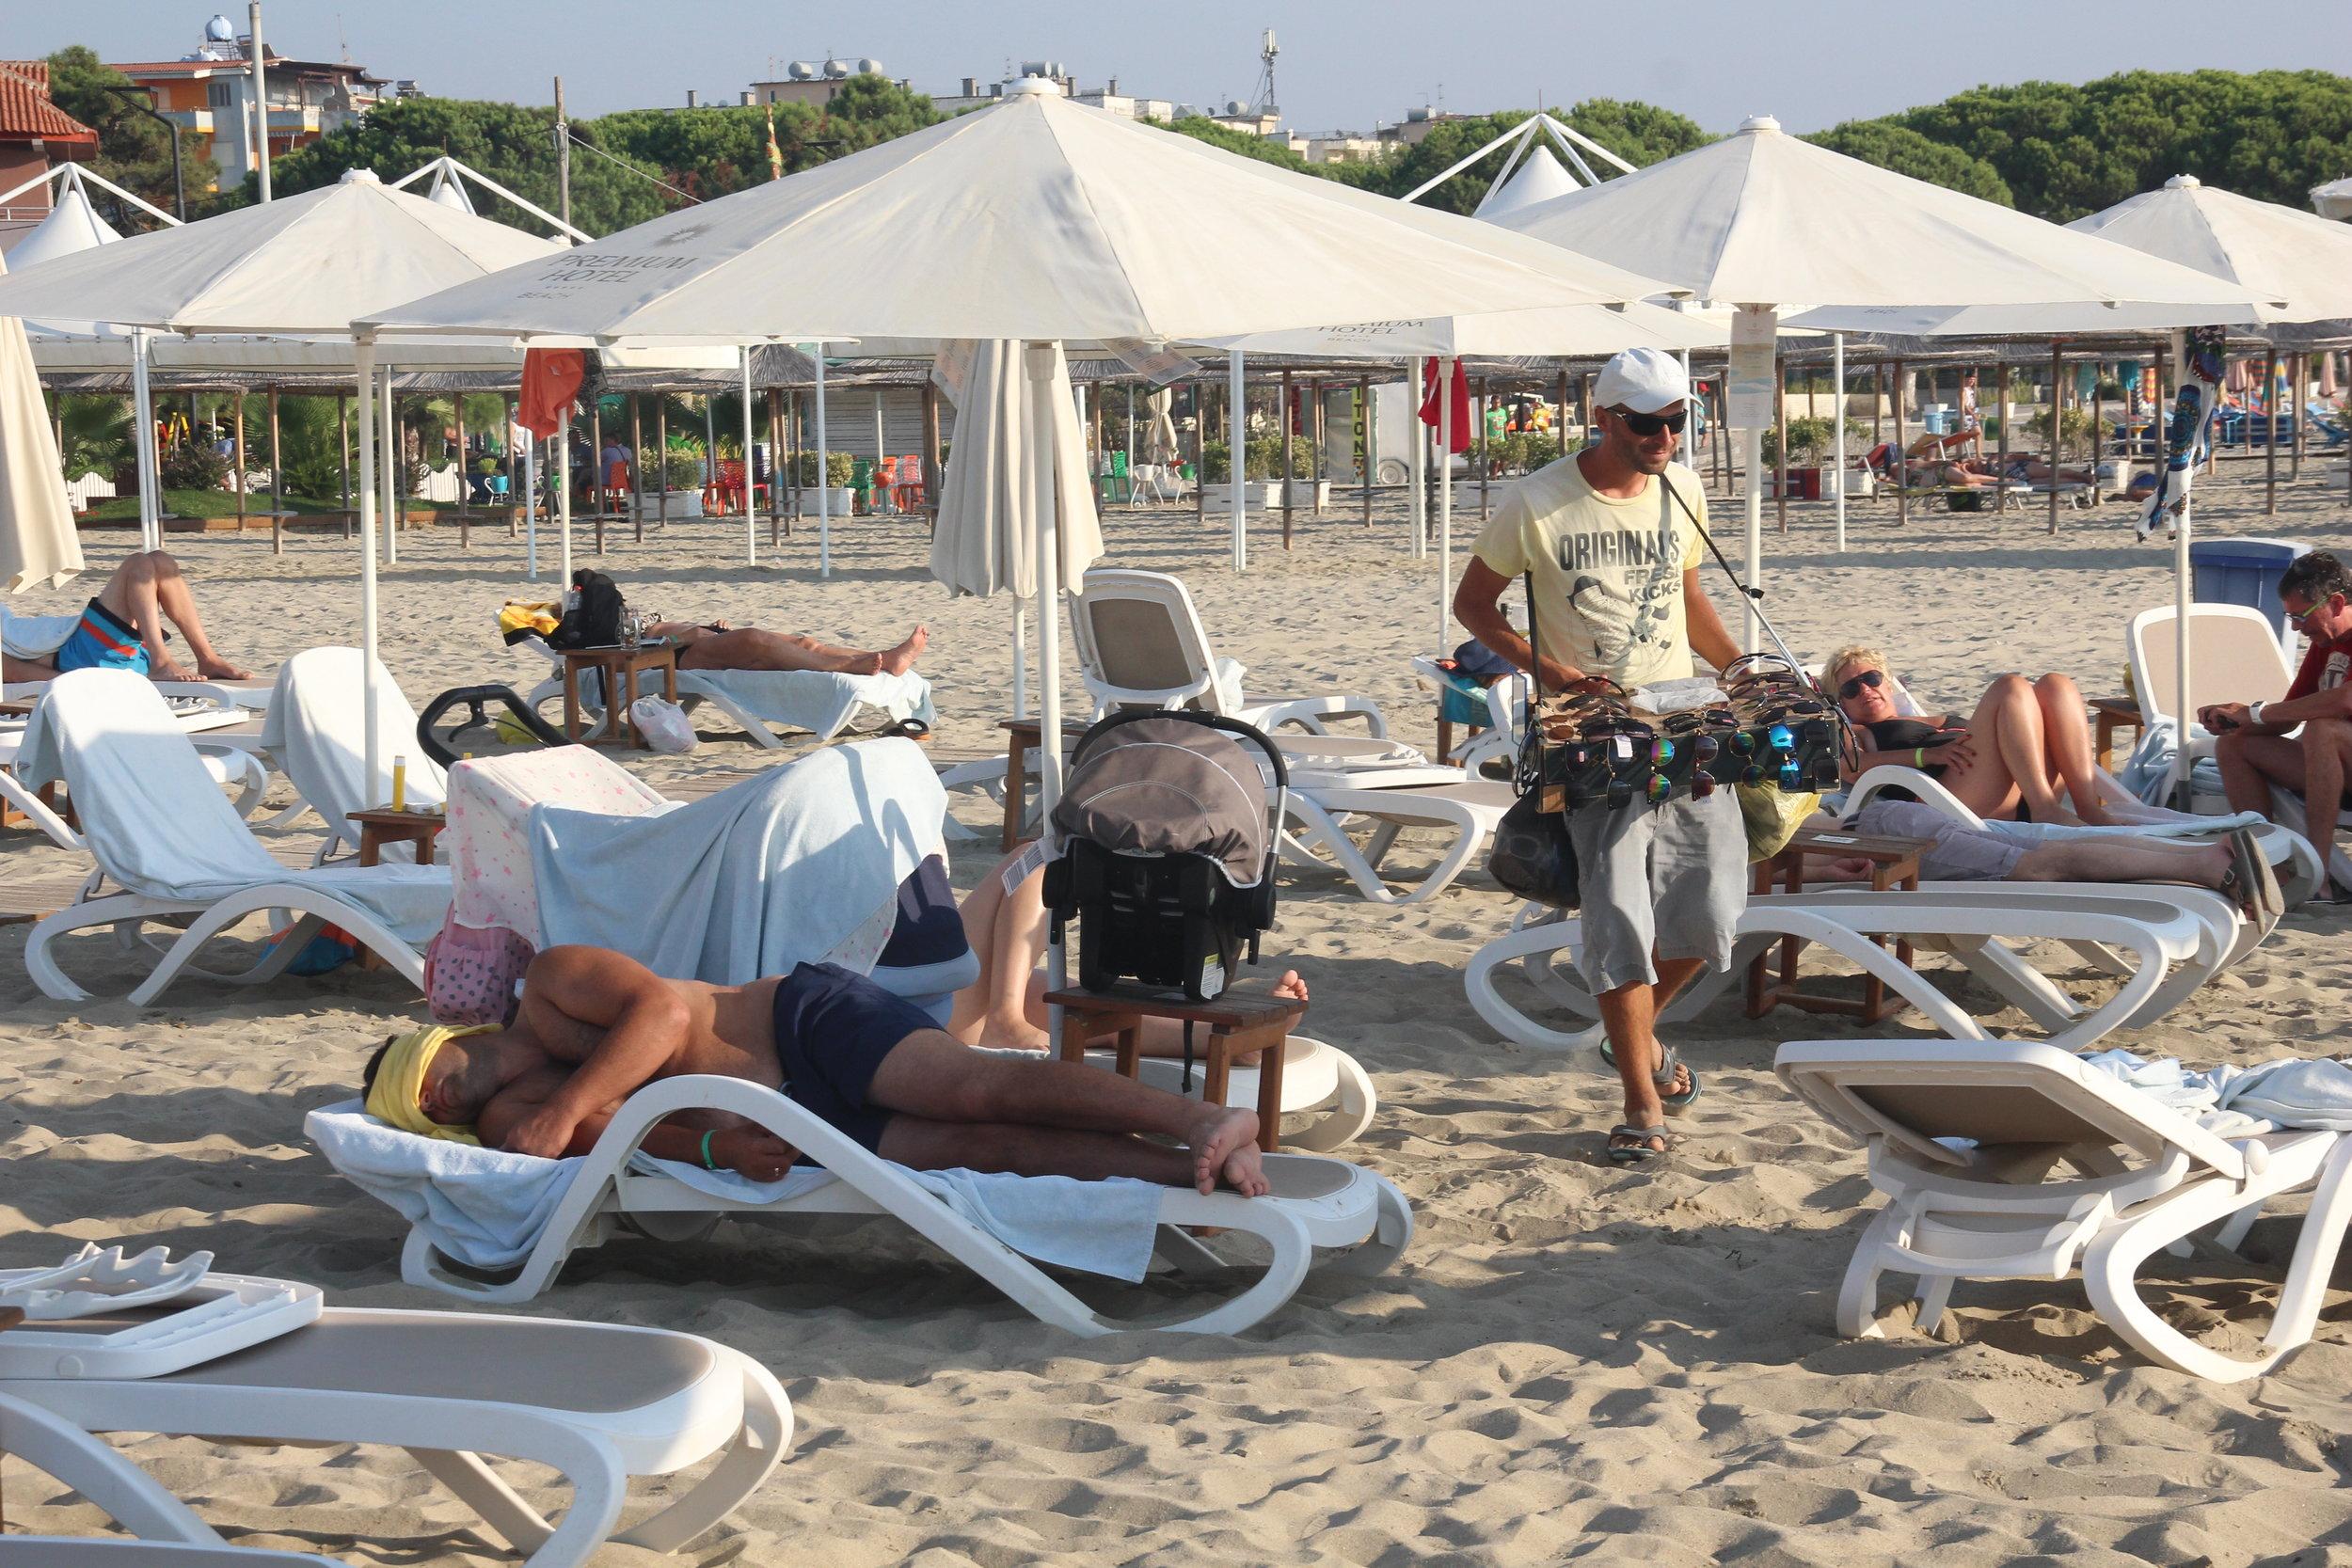 Nei, ikke fall for fristelsen til å kjøpe ulovlige piratprodukter på stranda.   Foto: Odd Roar Lange